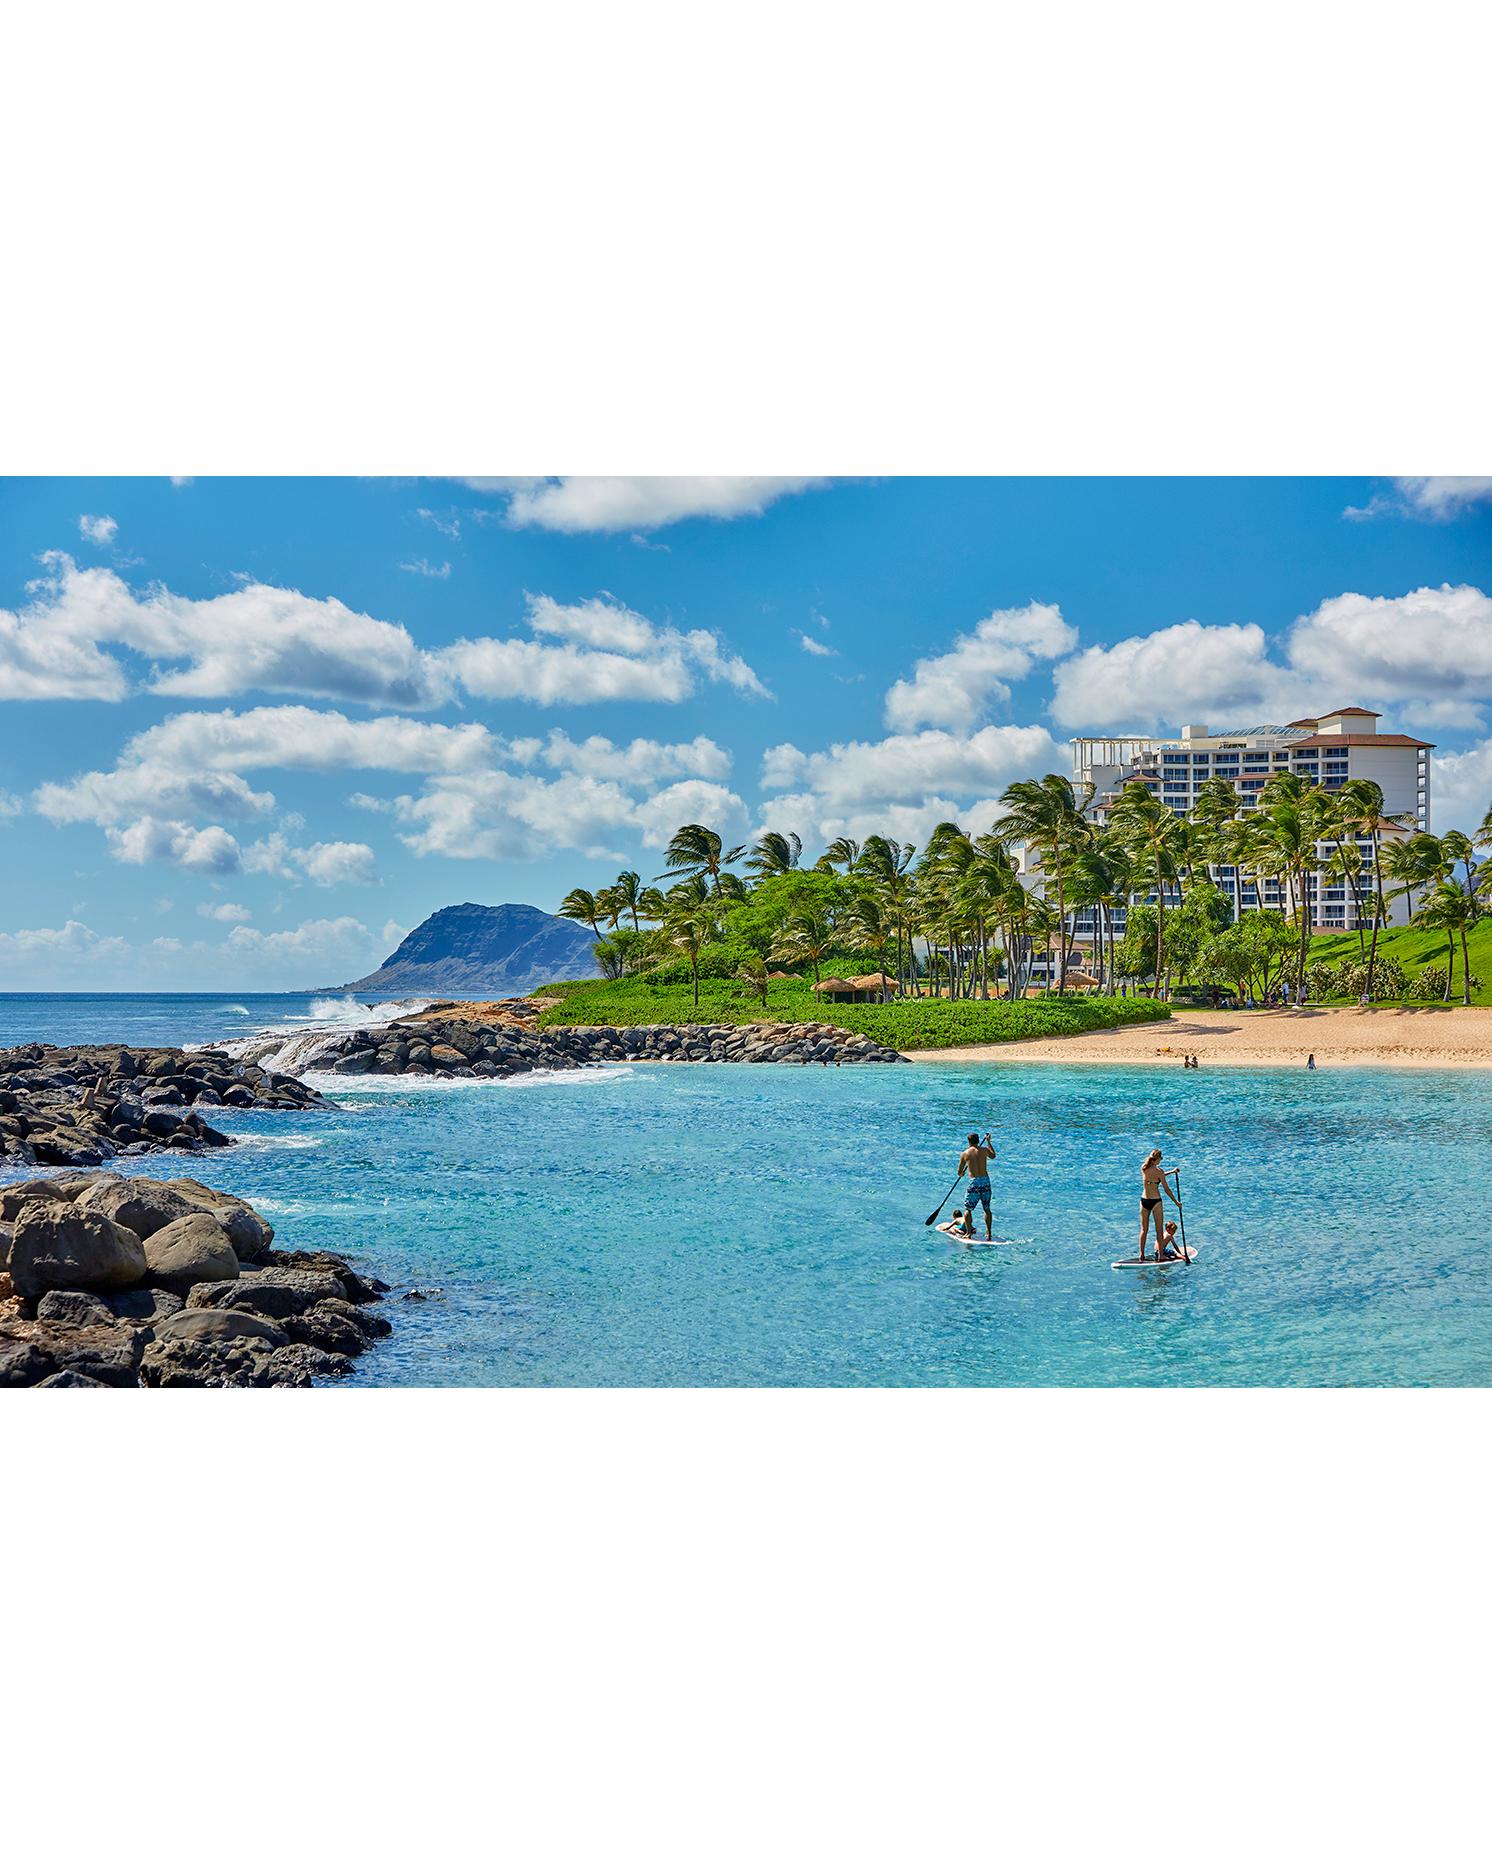 Ko Olina Beach in Oahu, Hawaii